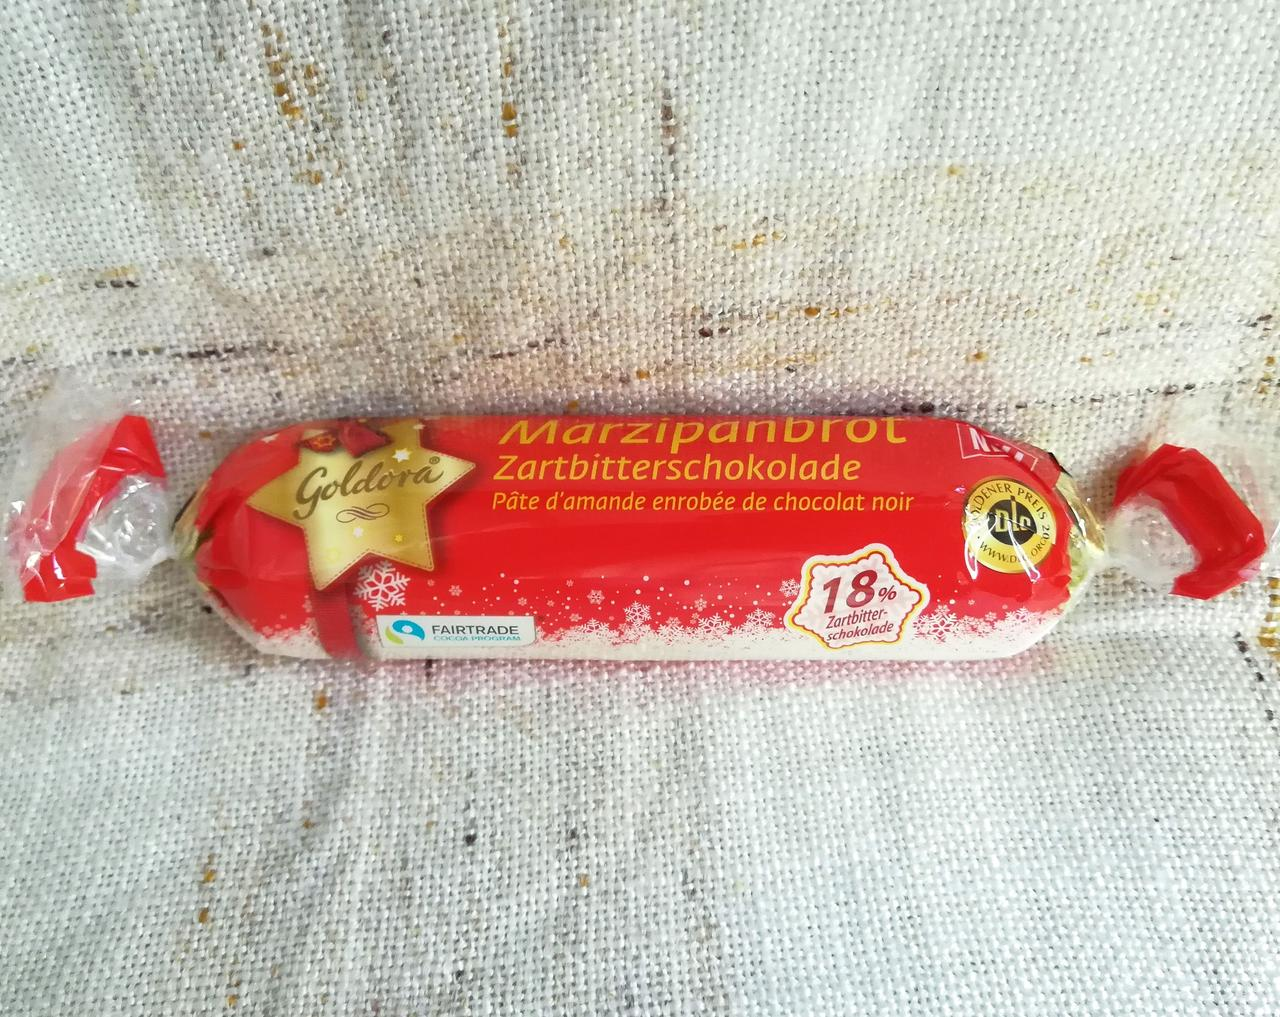 Goldora Marzipan 175 gramm - марципановый батончик в черном шоколаде